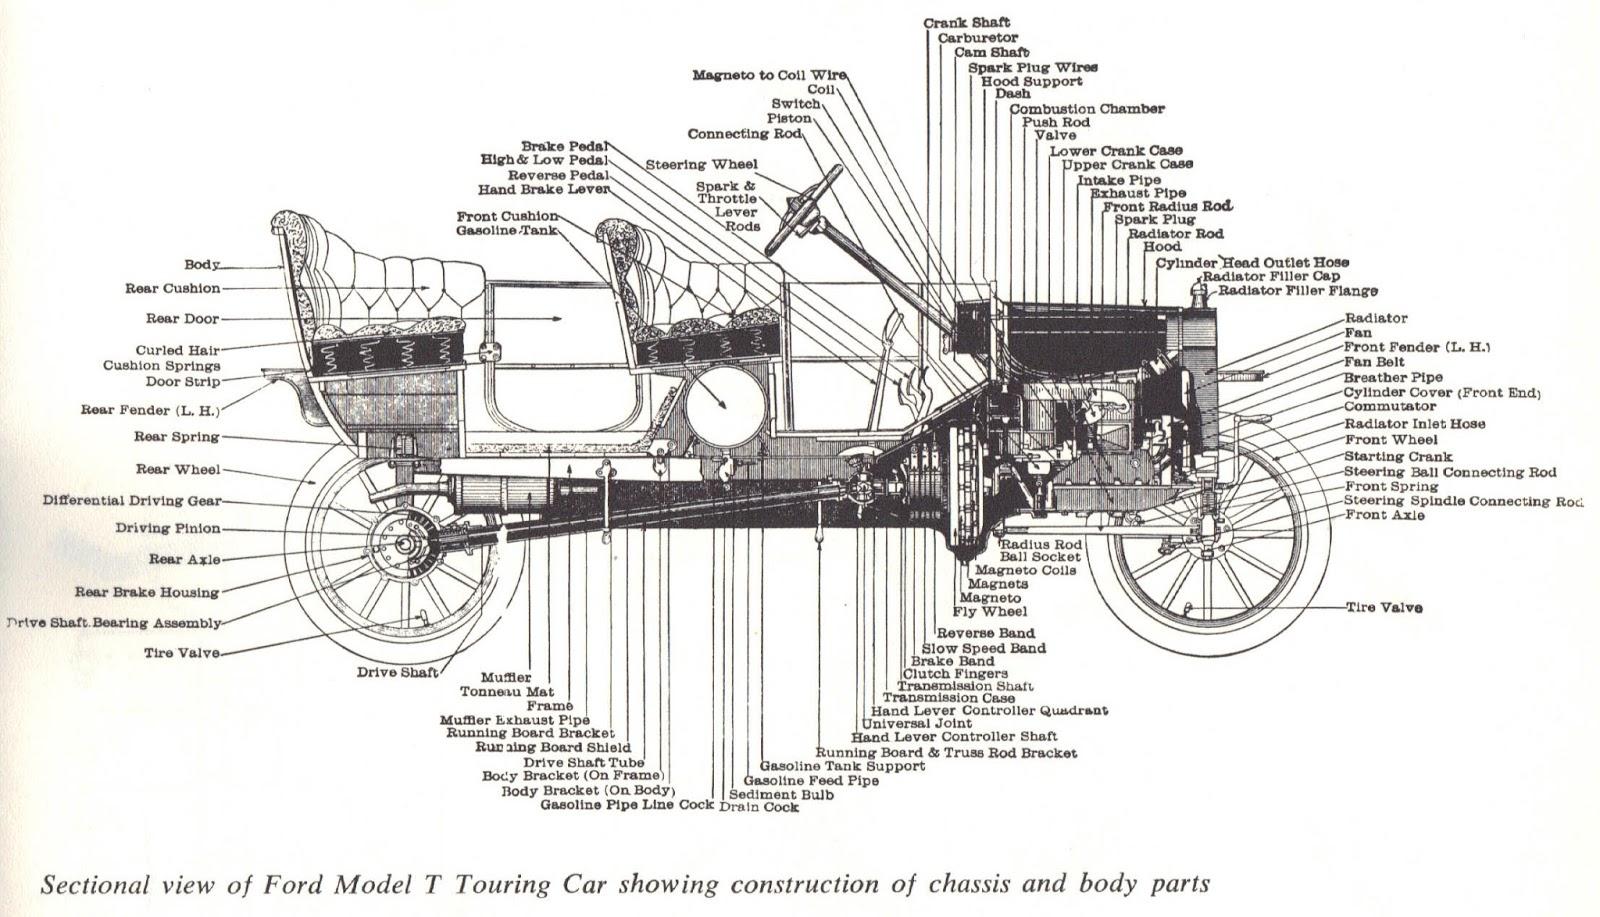 medium resolution of 1927 ford model t diagrams advance wiring diagram 1909 model t wiring diagram